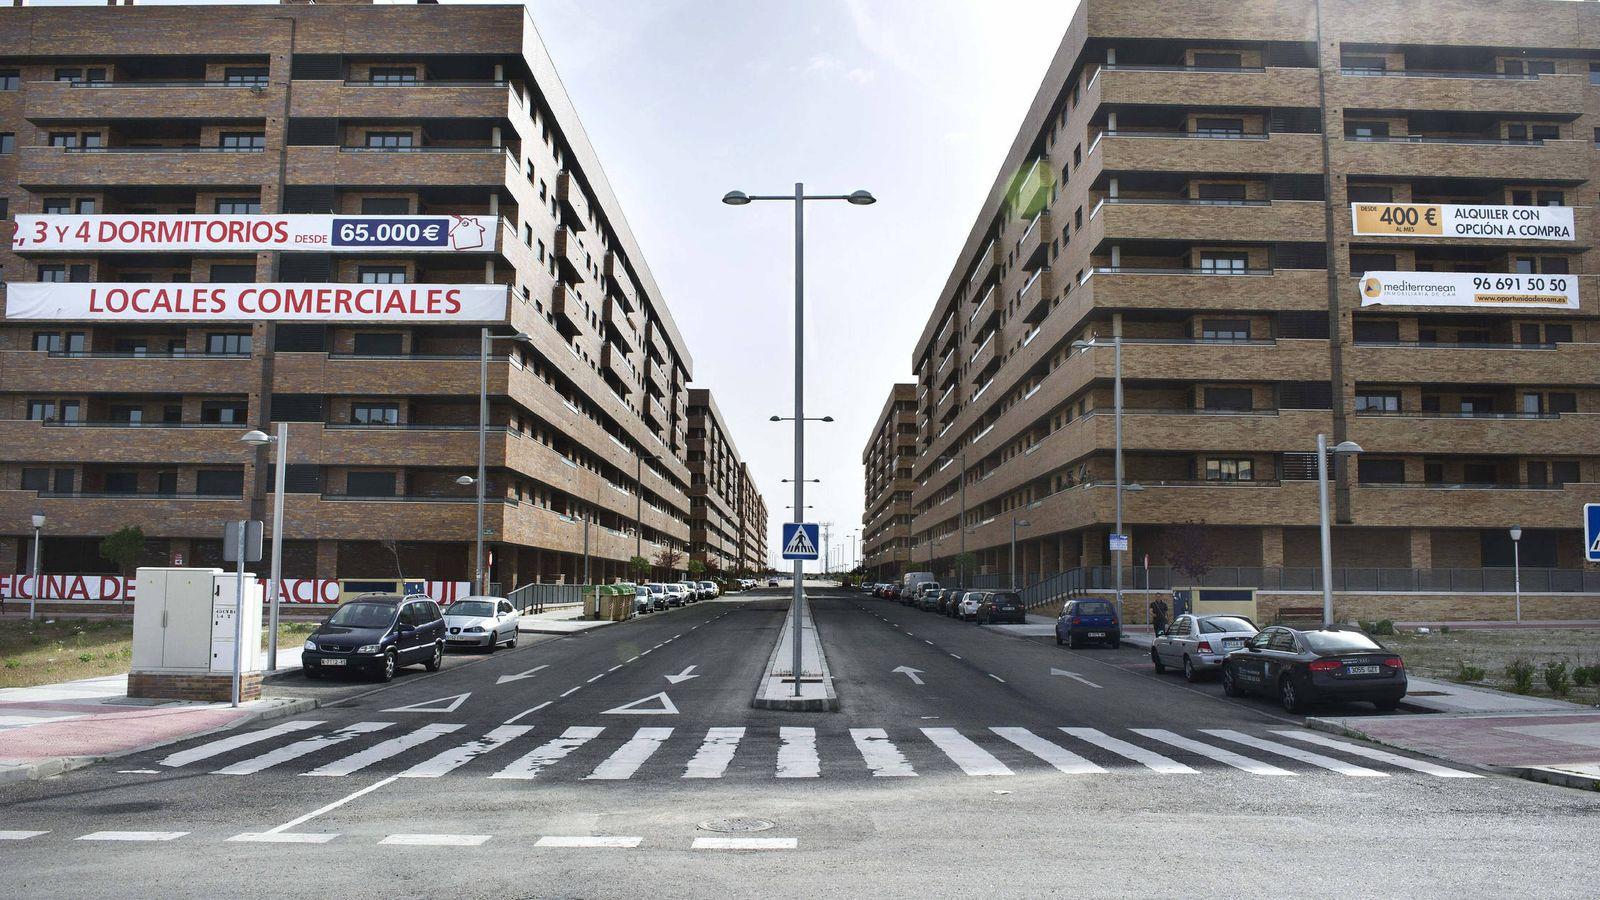 Foto: Mercado Inmobiliario español